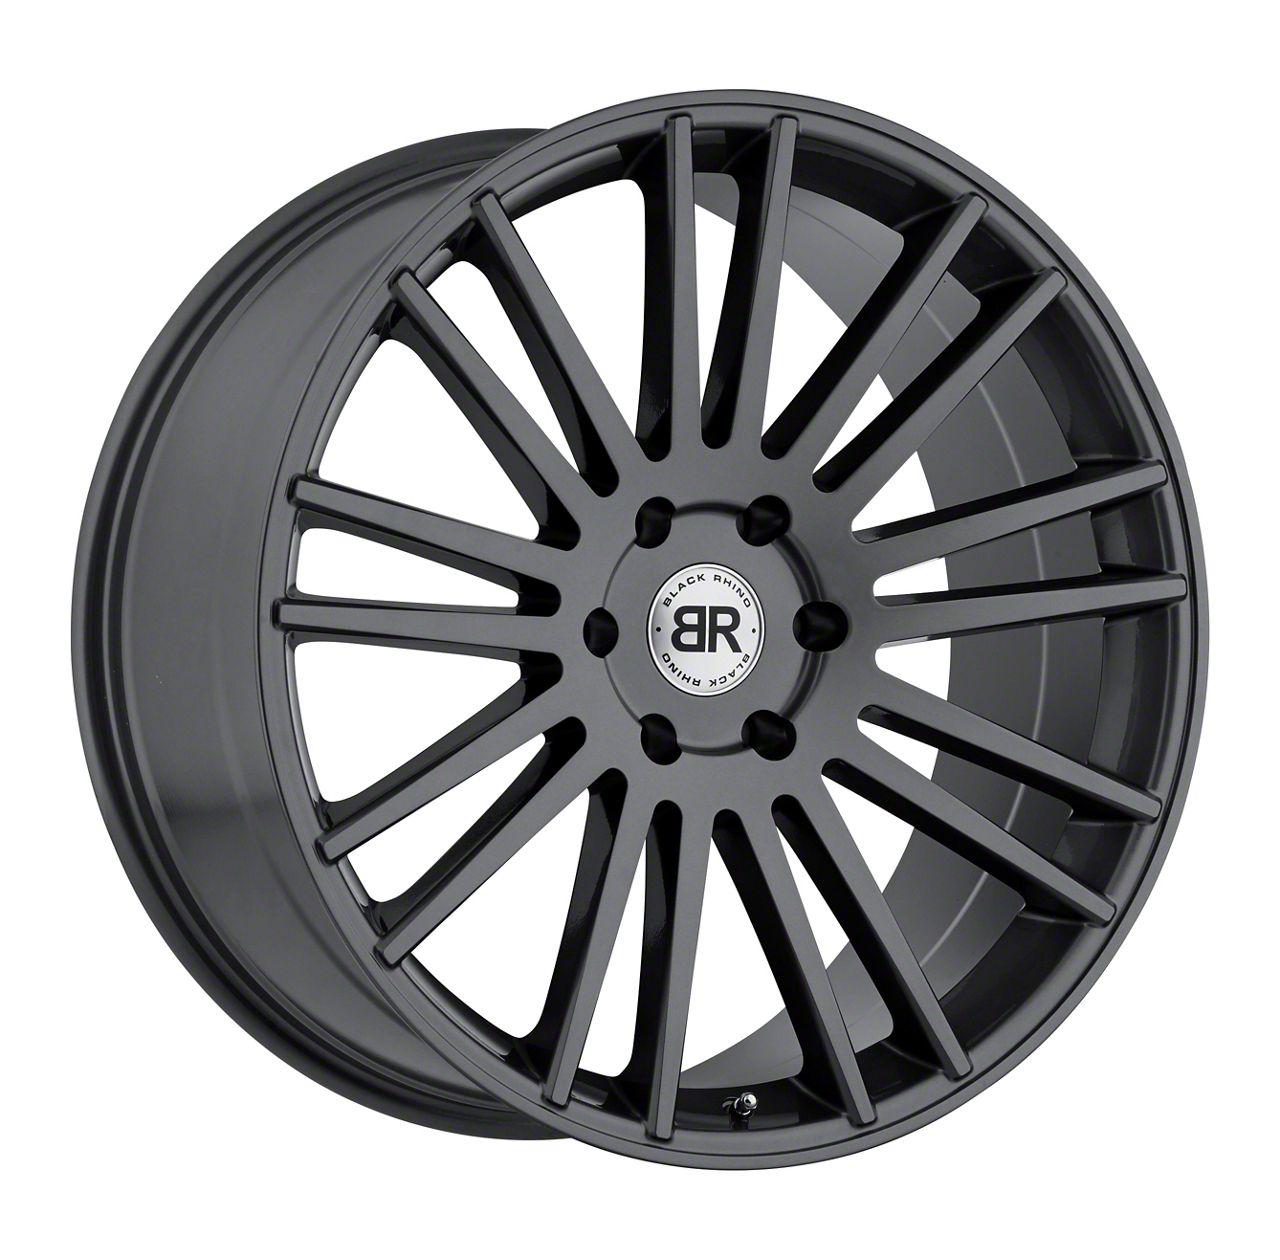 Black Rhino Kruger Gloss Gunmetal 6-Lug Wheel - 22x9.5 (04-19 F-150)